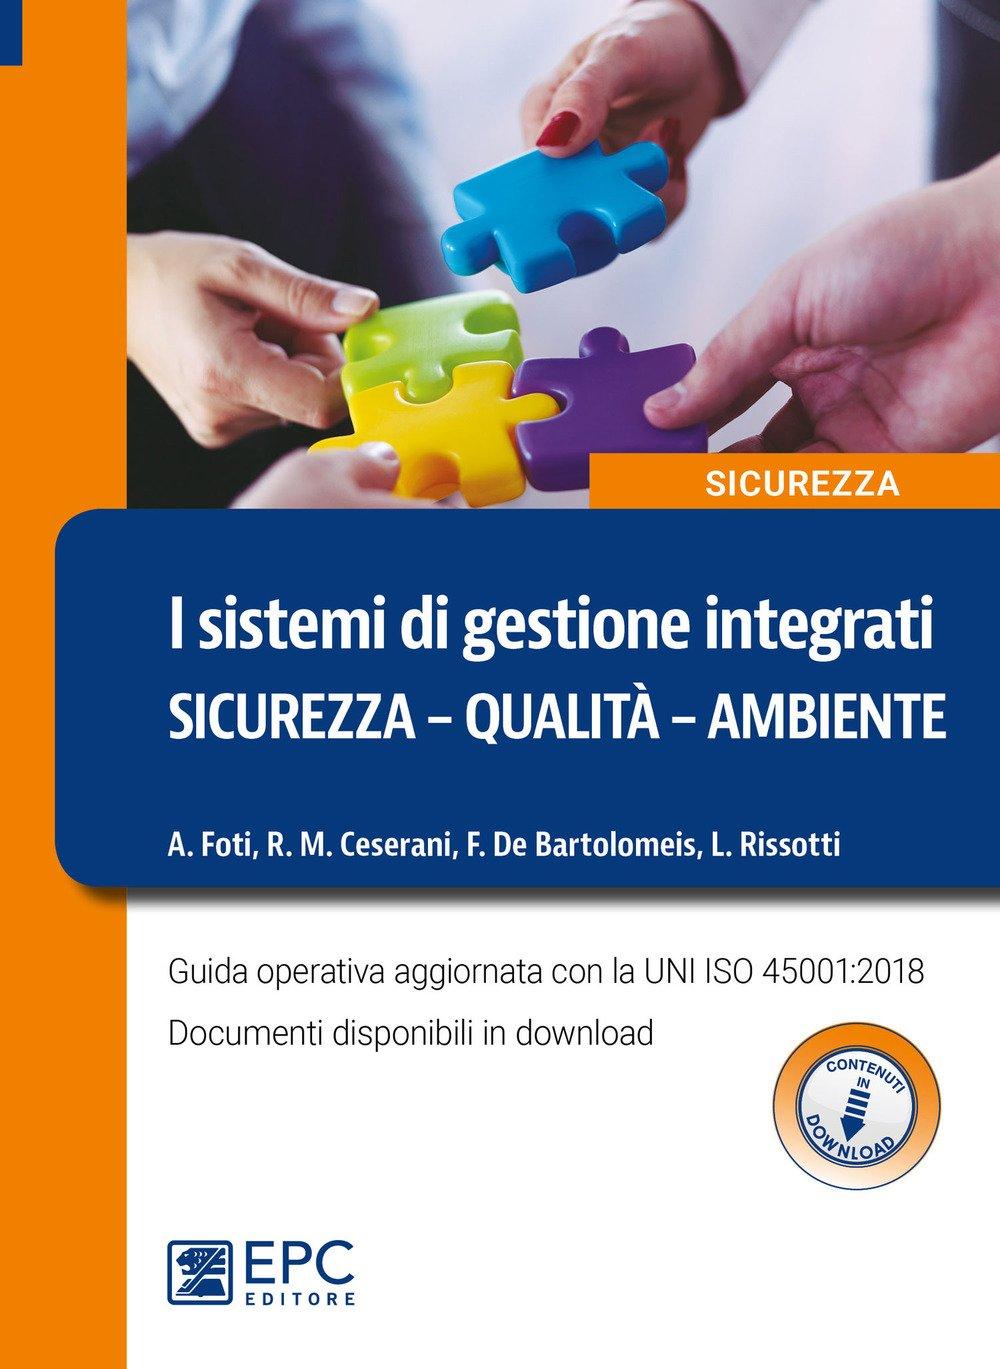 I sistemi di gestione integrati. Sicurezza, qualità, ambiente. Guida operativa aggiornata con la UNI ISO 45001:2018. Con Contenuto digitale per download